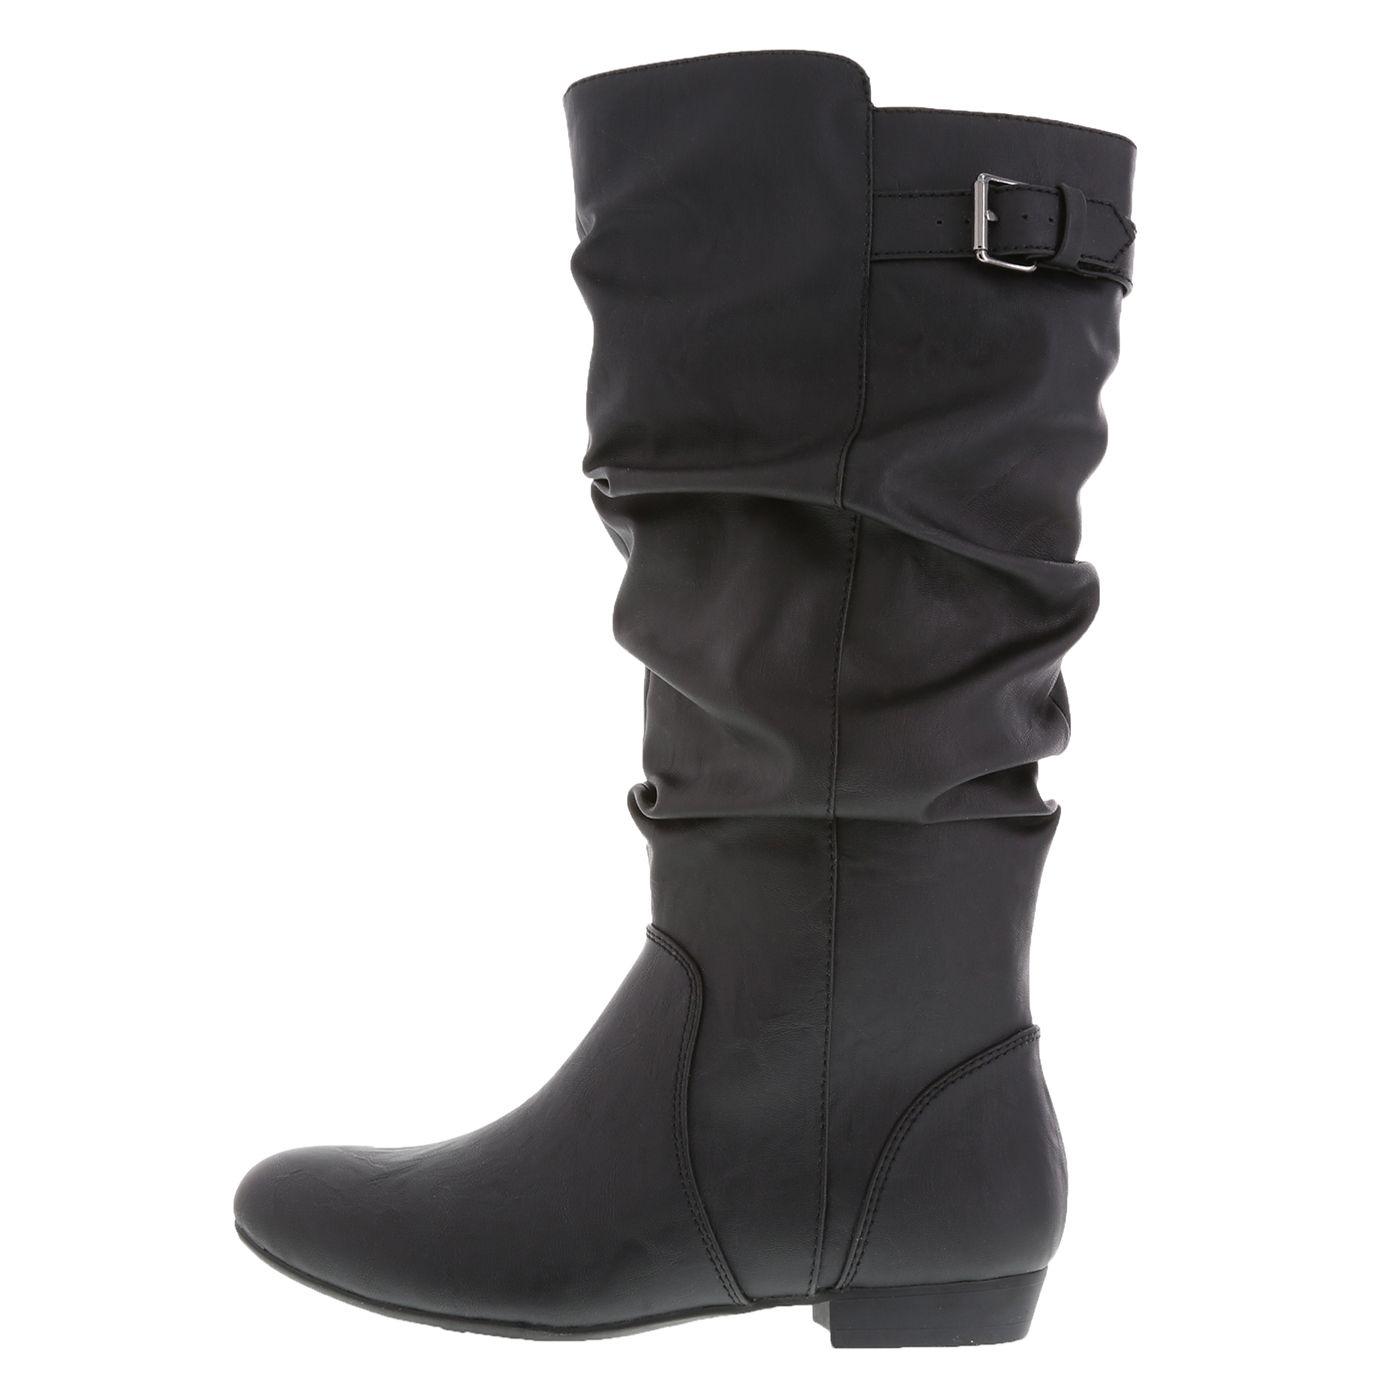 7f1f2ceeeea Womens Raven Tall Boot